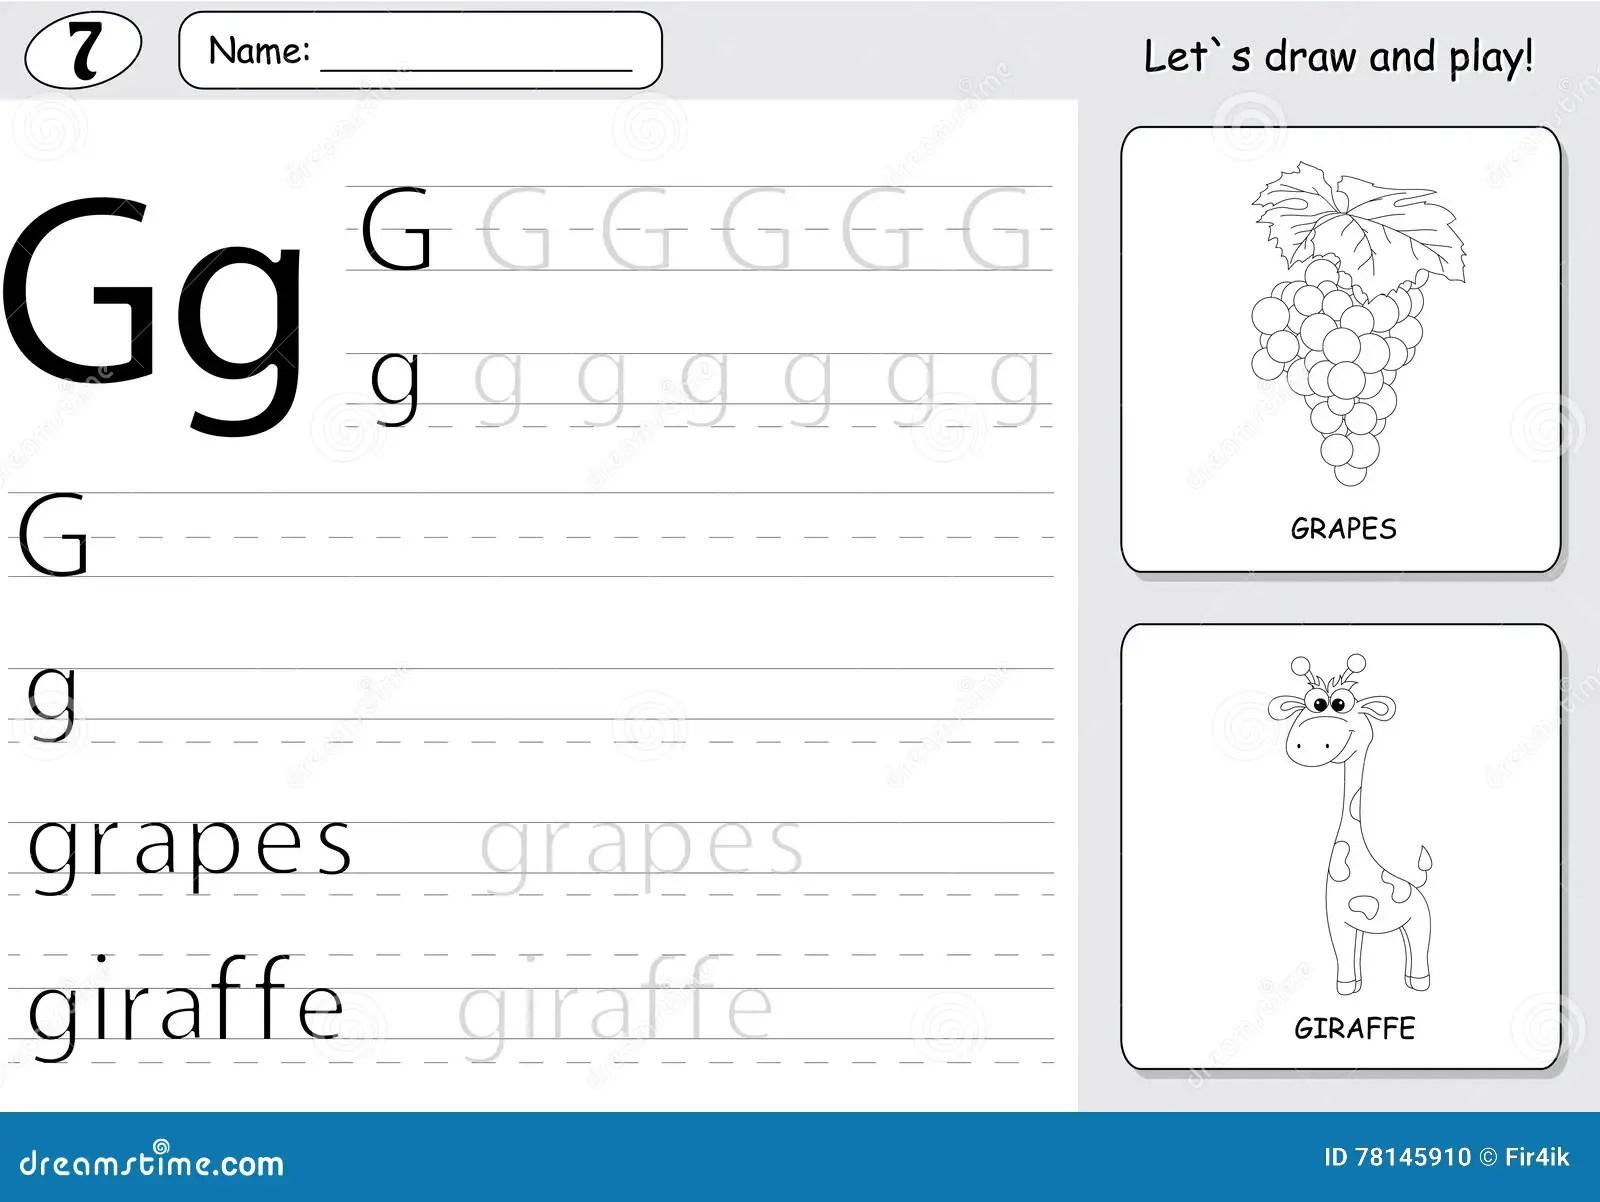 Giraffe Letter Worksheet